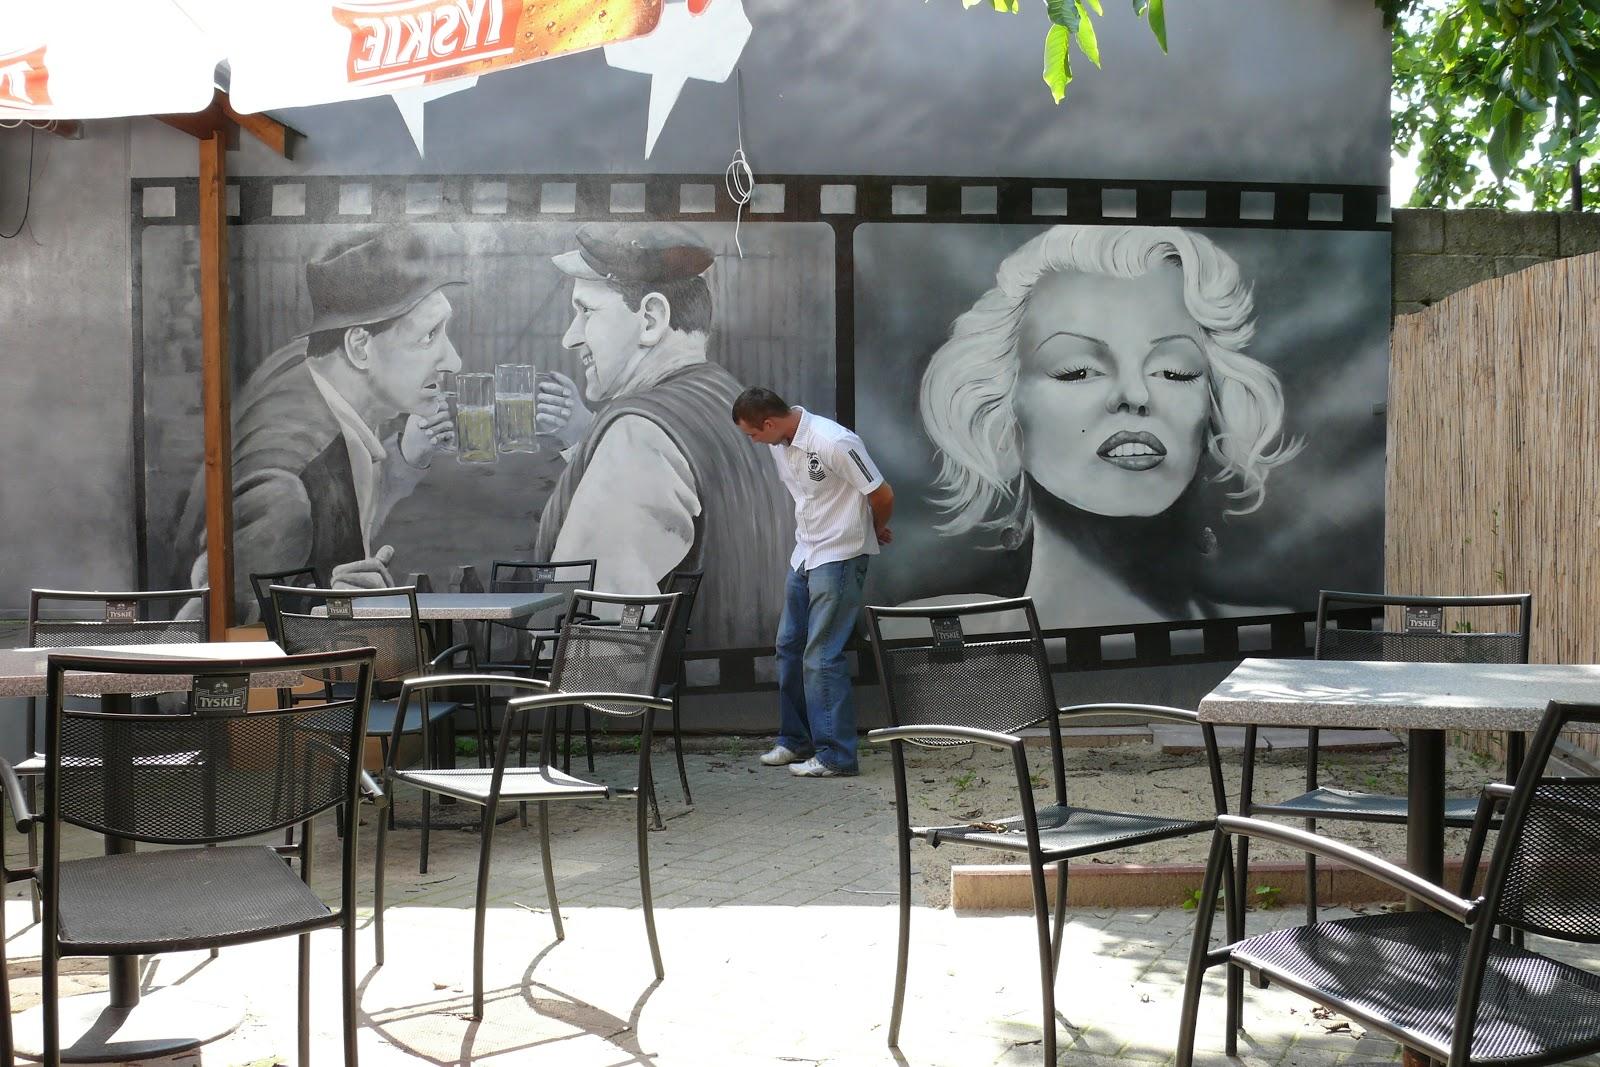 artystyczne malowanie ściany w barze, aranżacja baru poprzez malowanie obrazu na ścianie